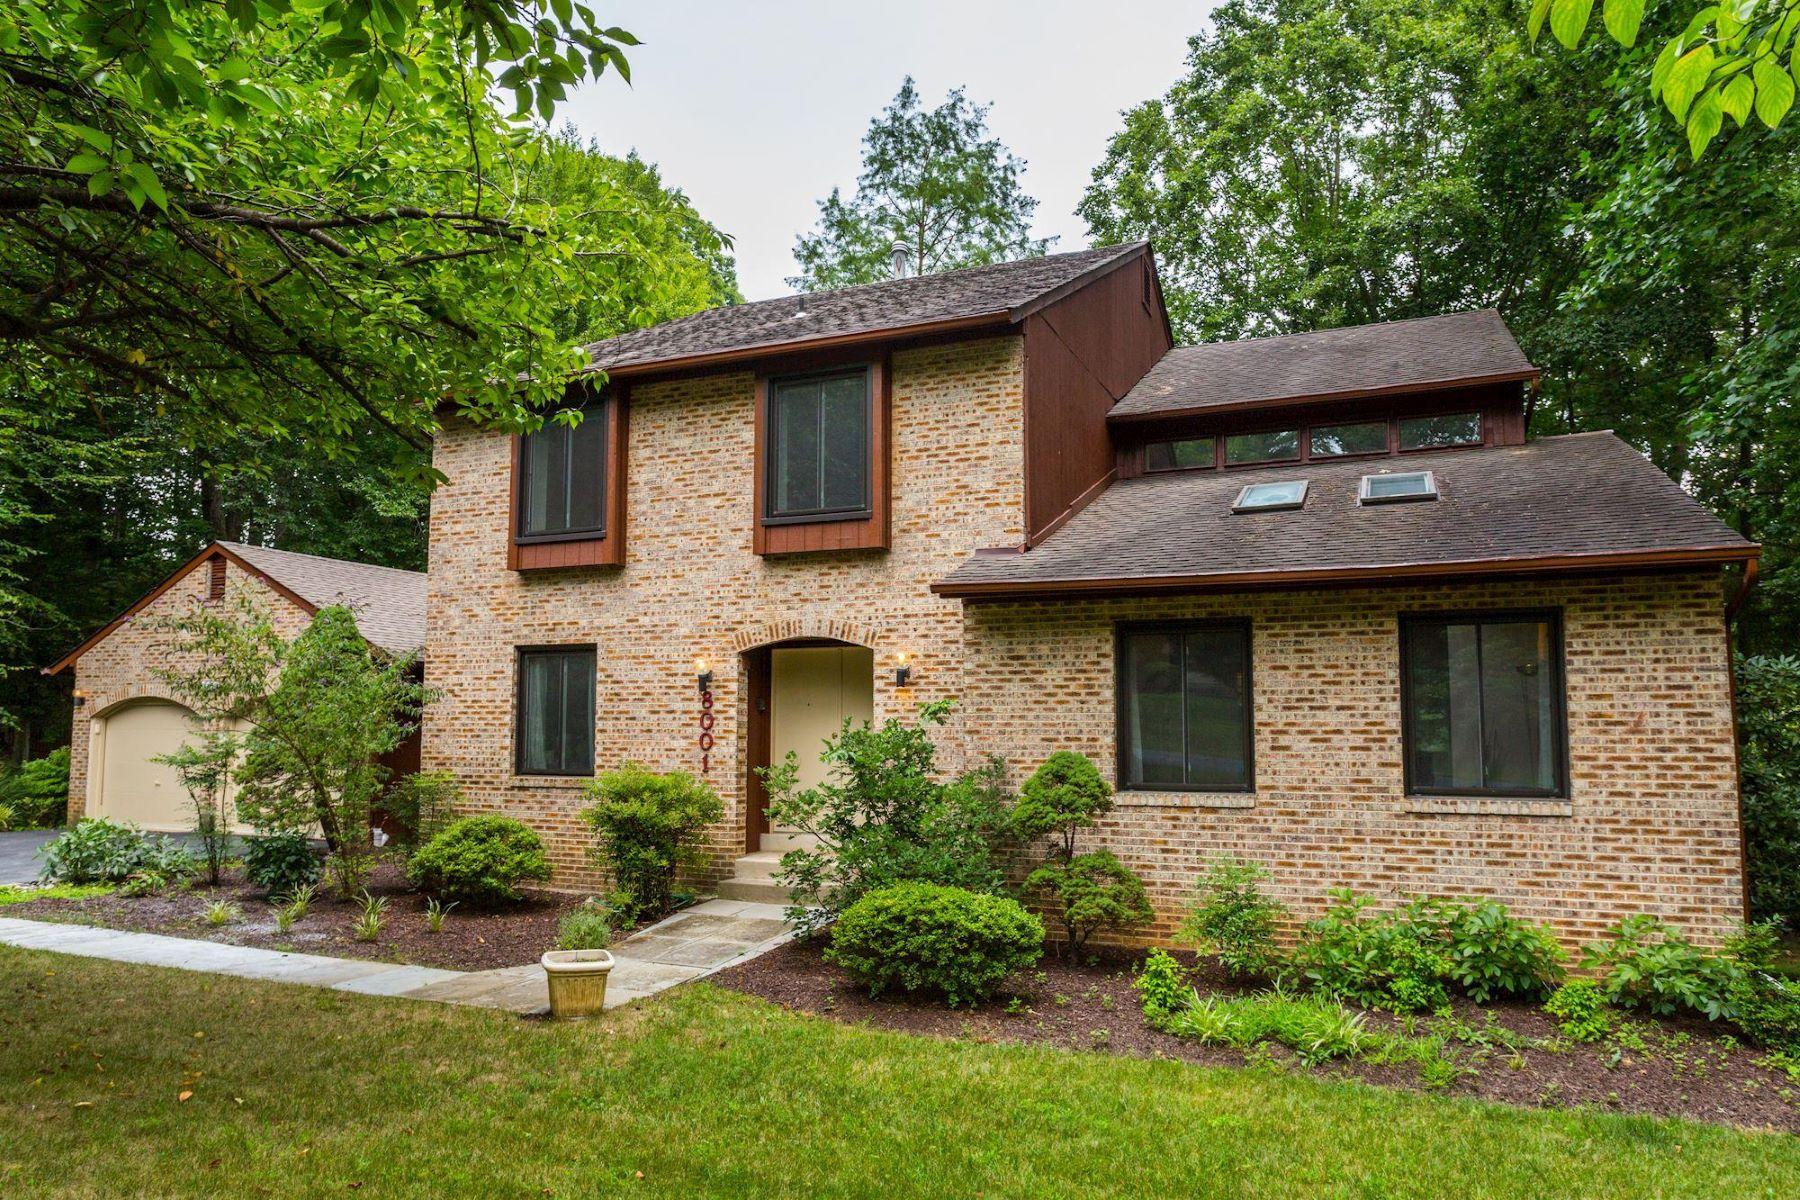 Villa per Vendita alle ore 8001 CYPRESS GROVE LN Cabin John, Maryland 20818 Stati Uniti